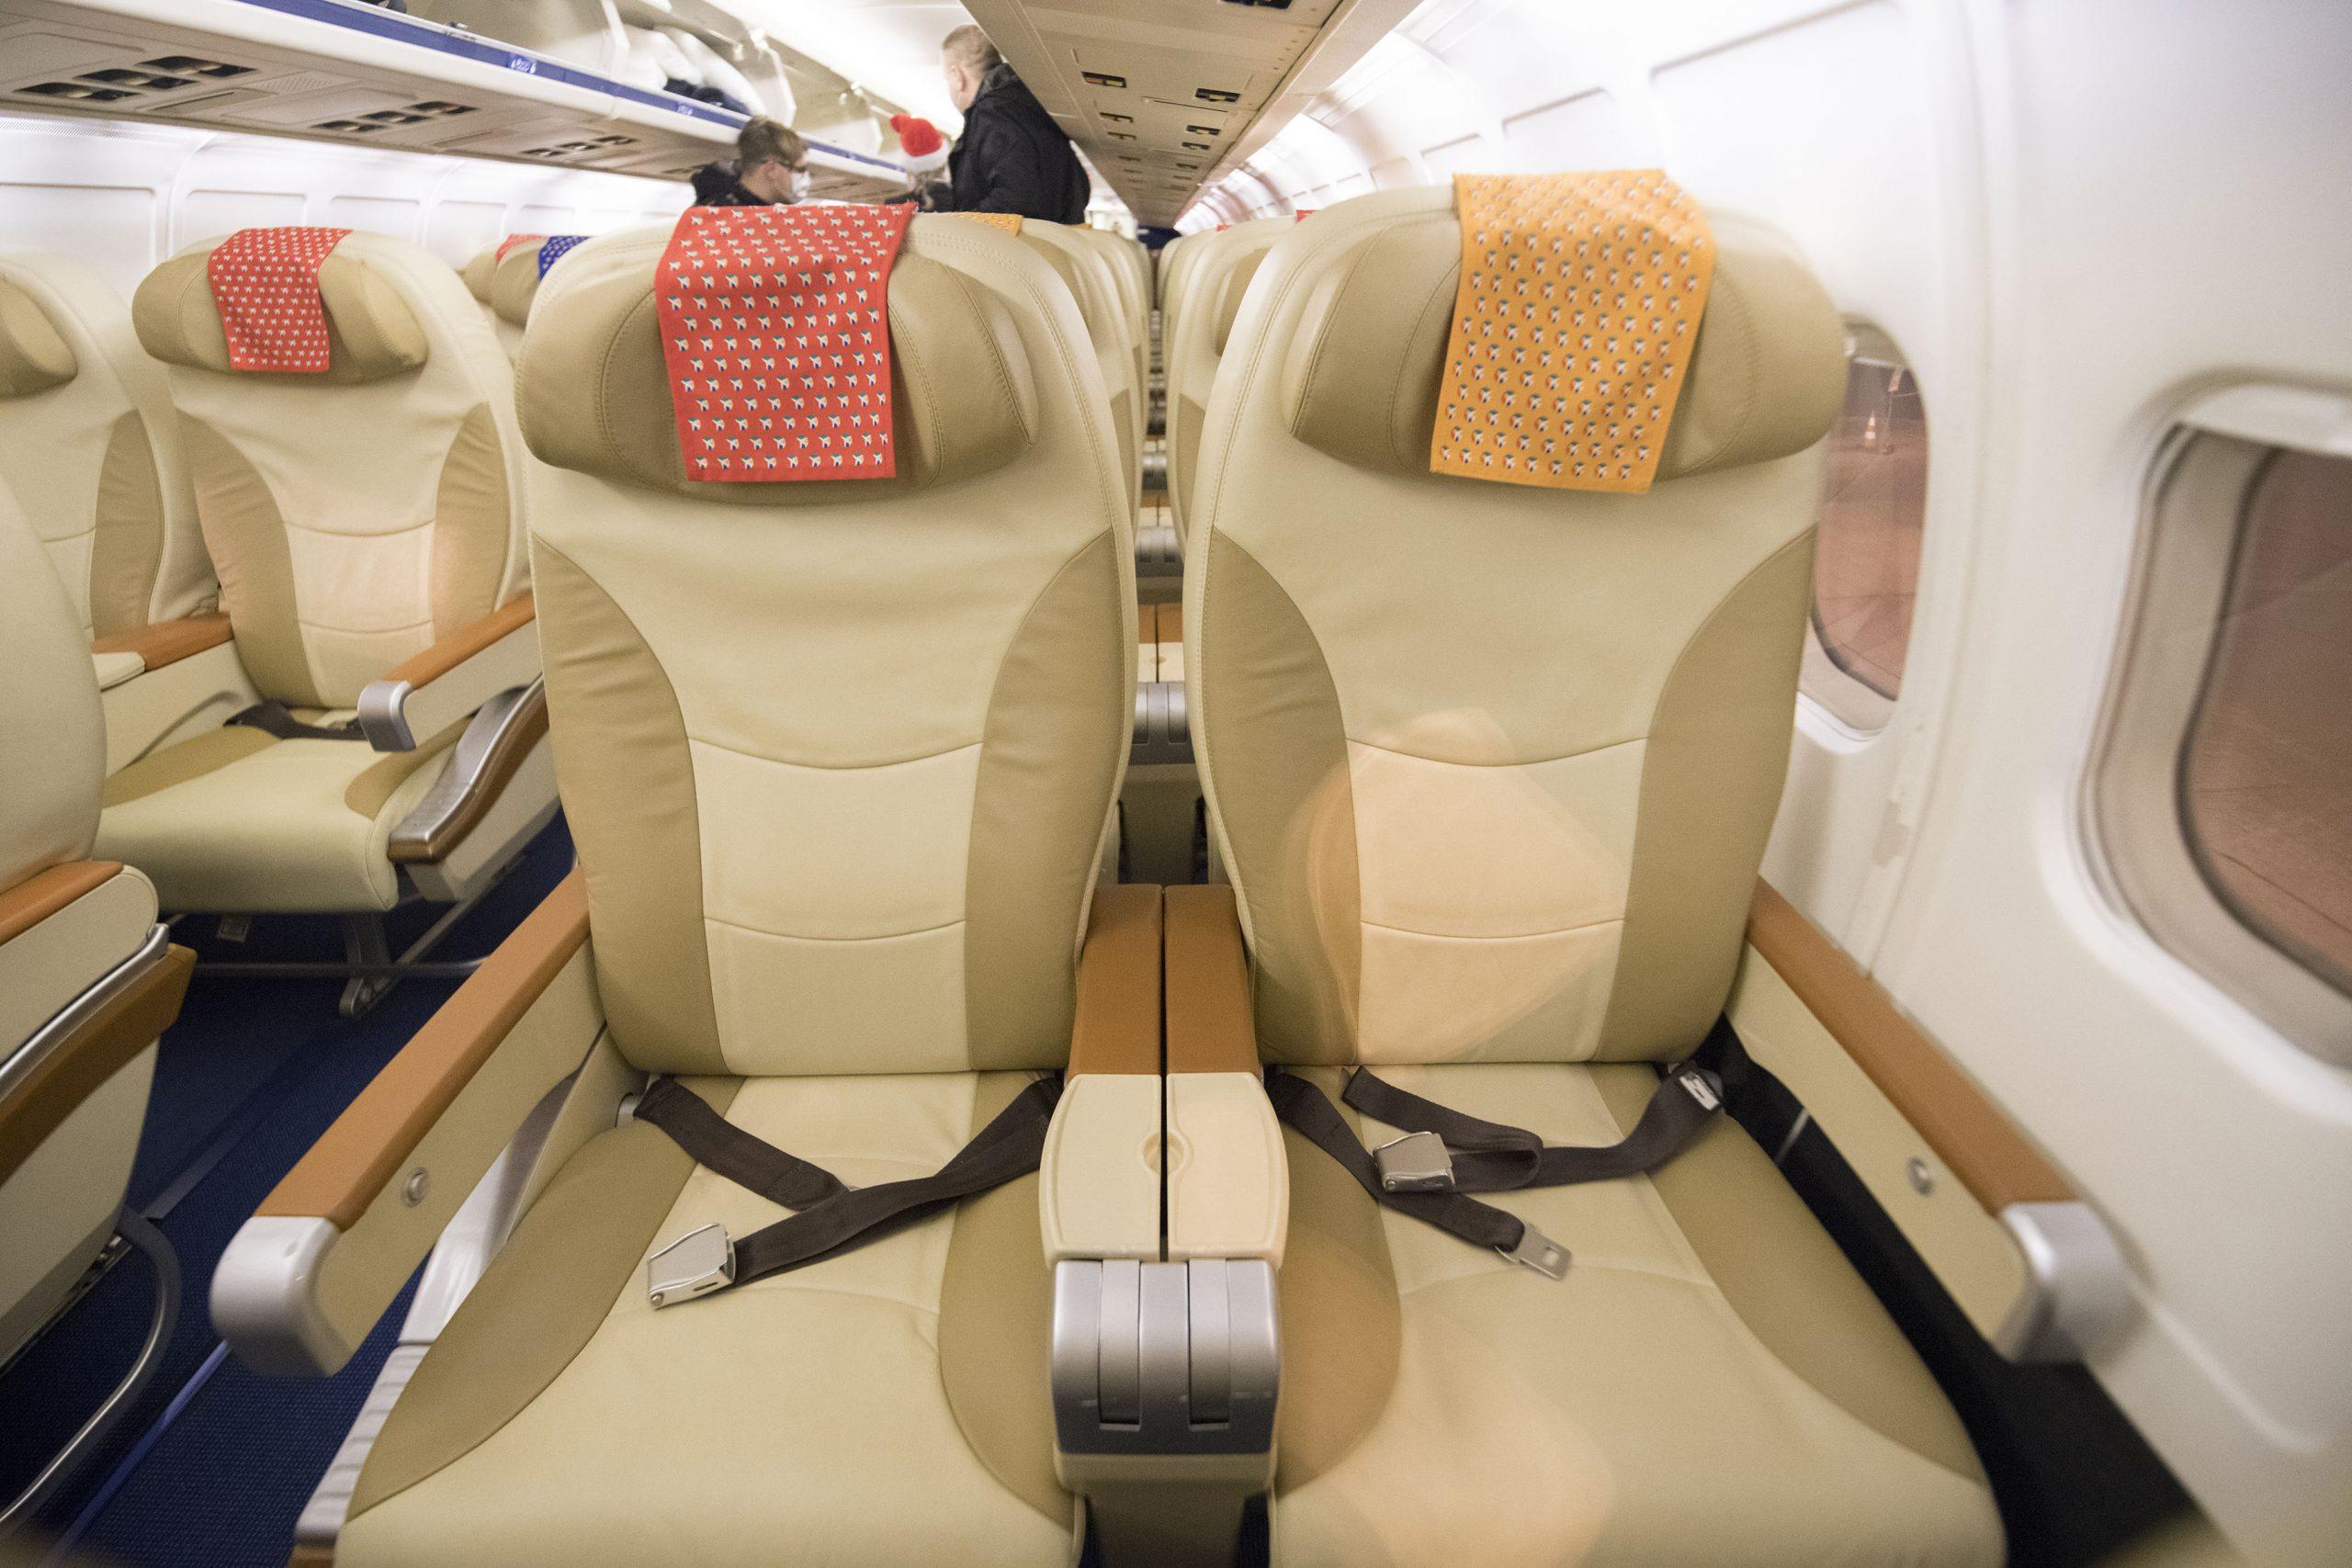 Store og indbydende lædersæder ombord på DAT's MD-83 VIP fly. (Foto: Joakim J. Hvistendahl)